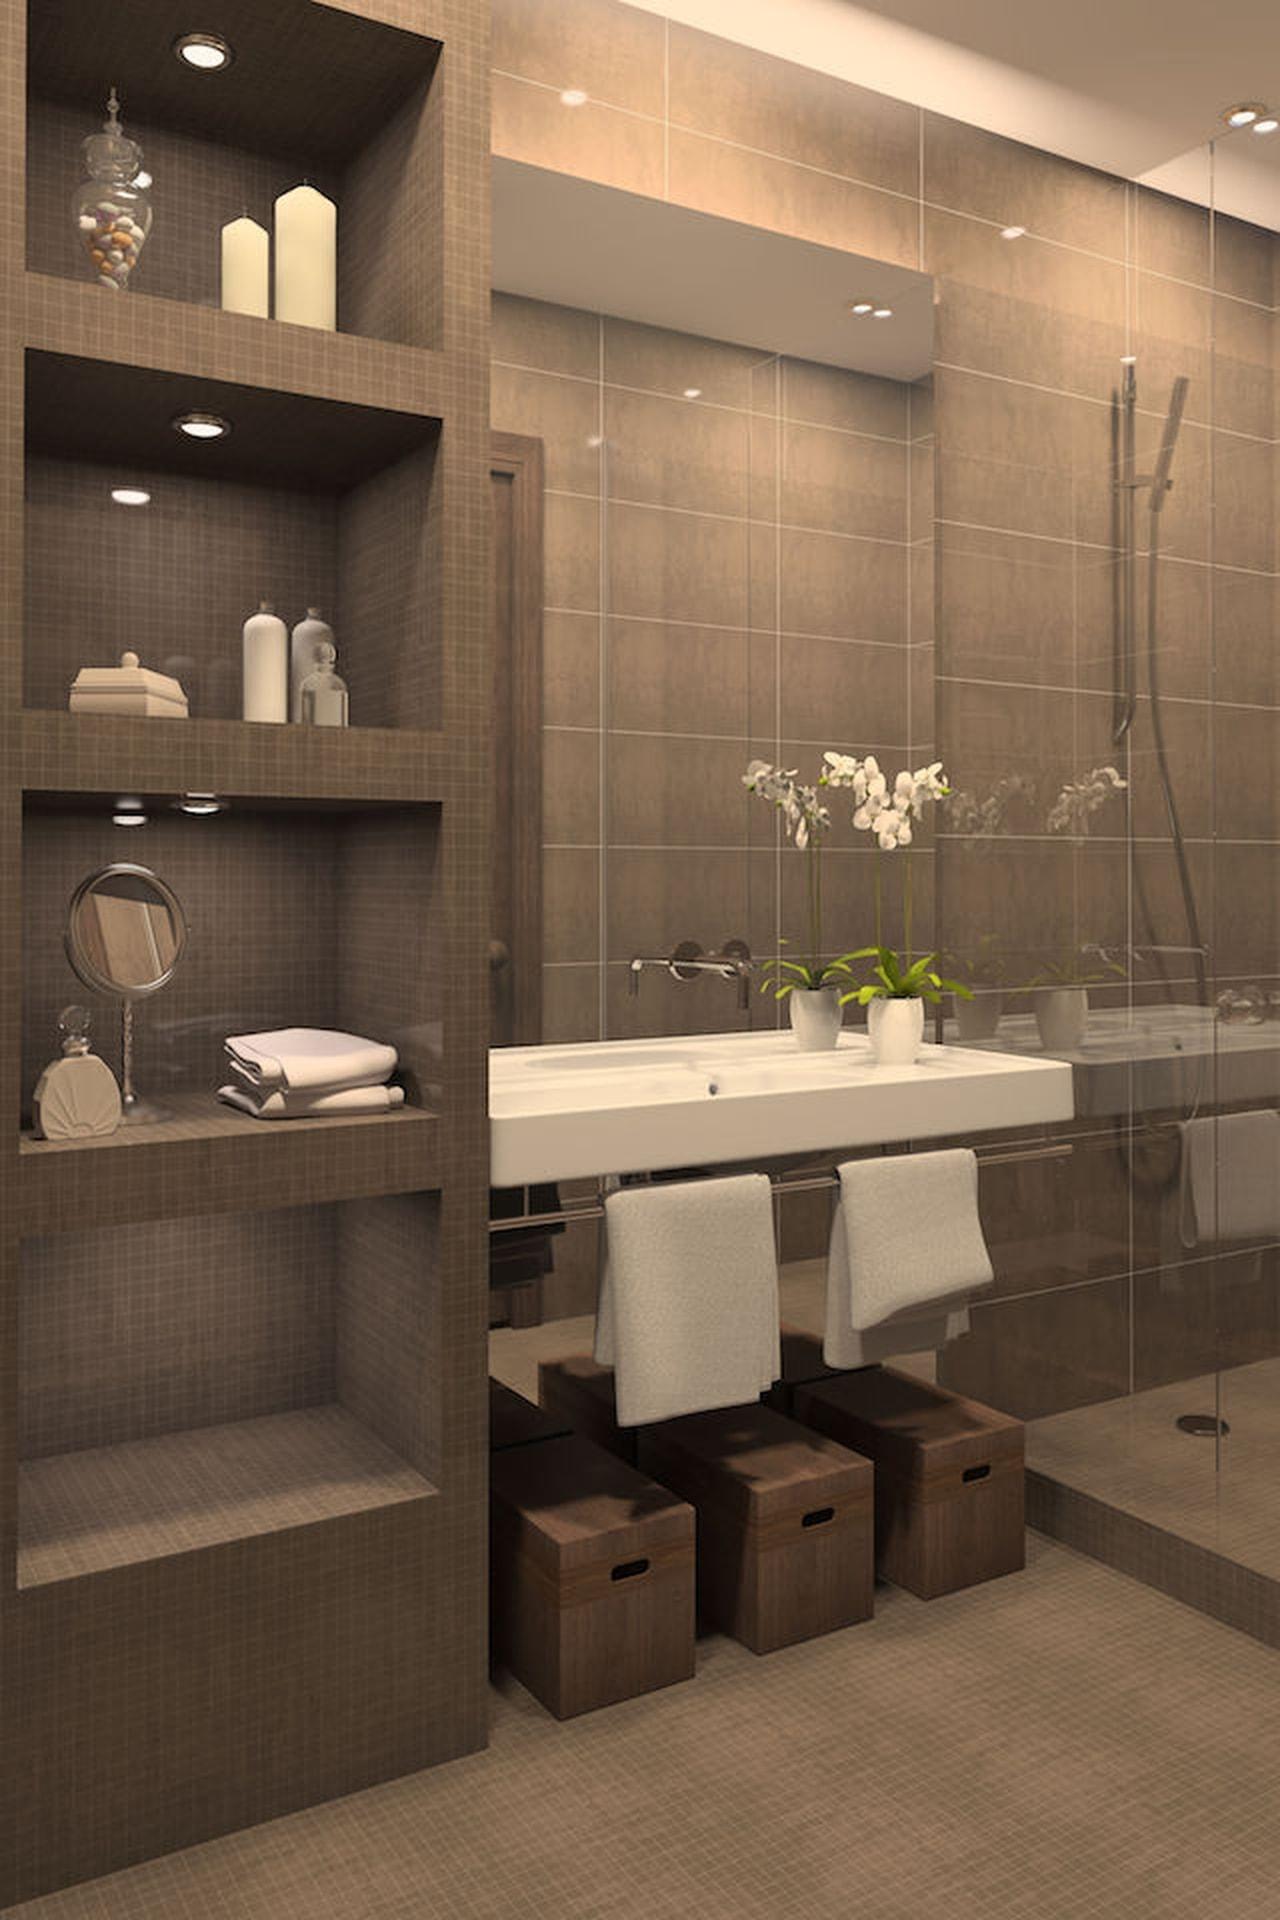 bagno in muratura: 3 idee in stile (non solo) rustico - Foto Bagni Moderni In Muratura